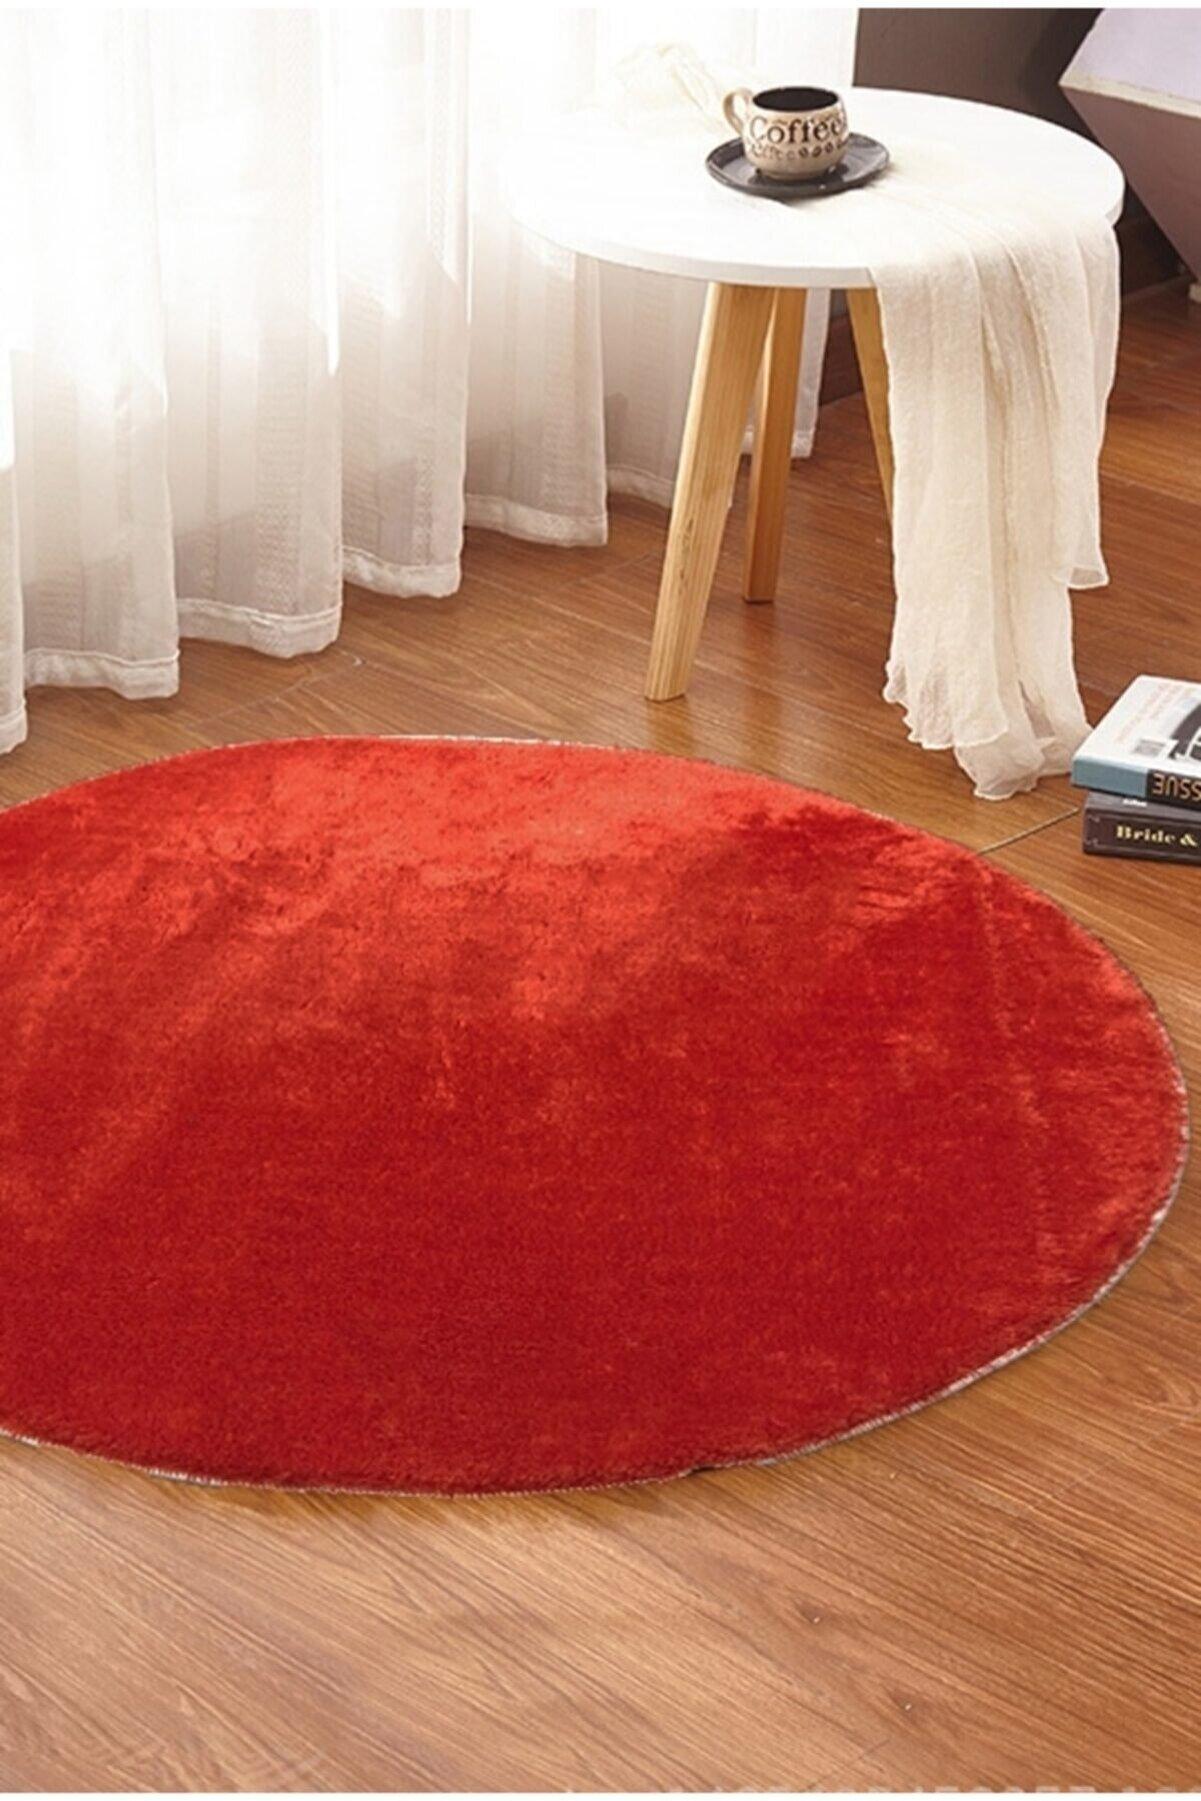 Sarar - Yuvarlak Düz Renk Peluş Pofuduk Kaydırmaz Jel Taban Kırmızı Renk Halı